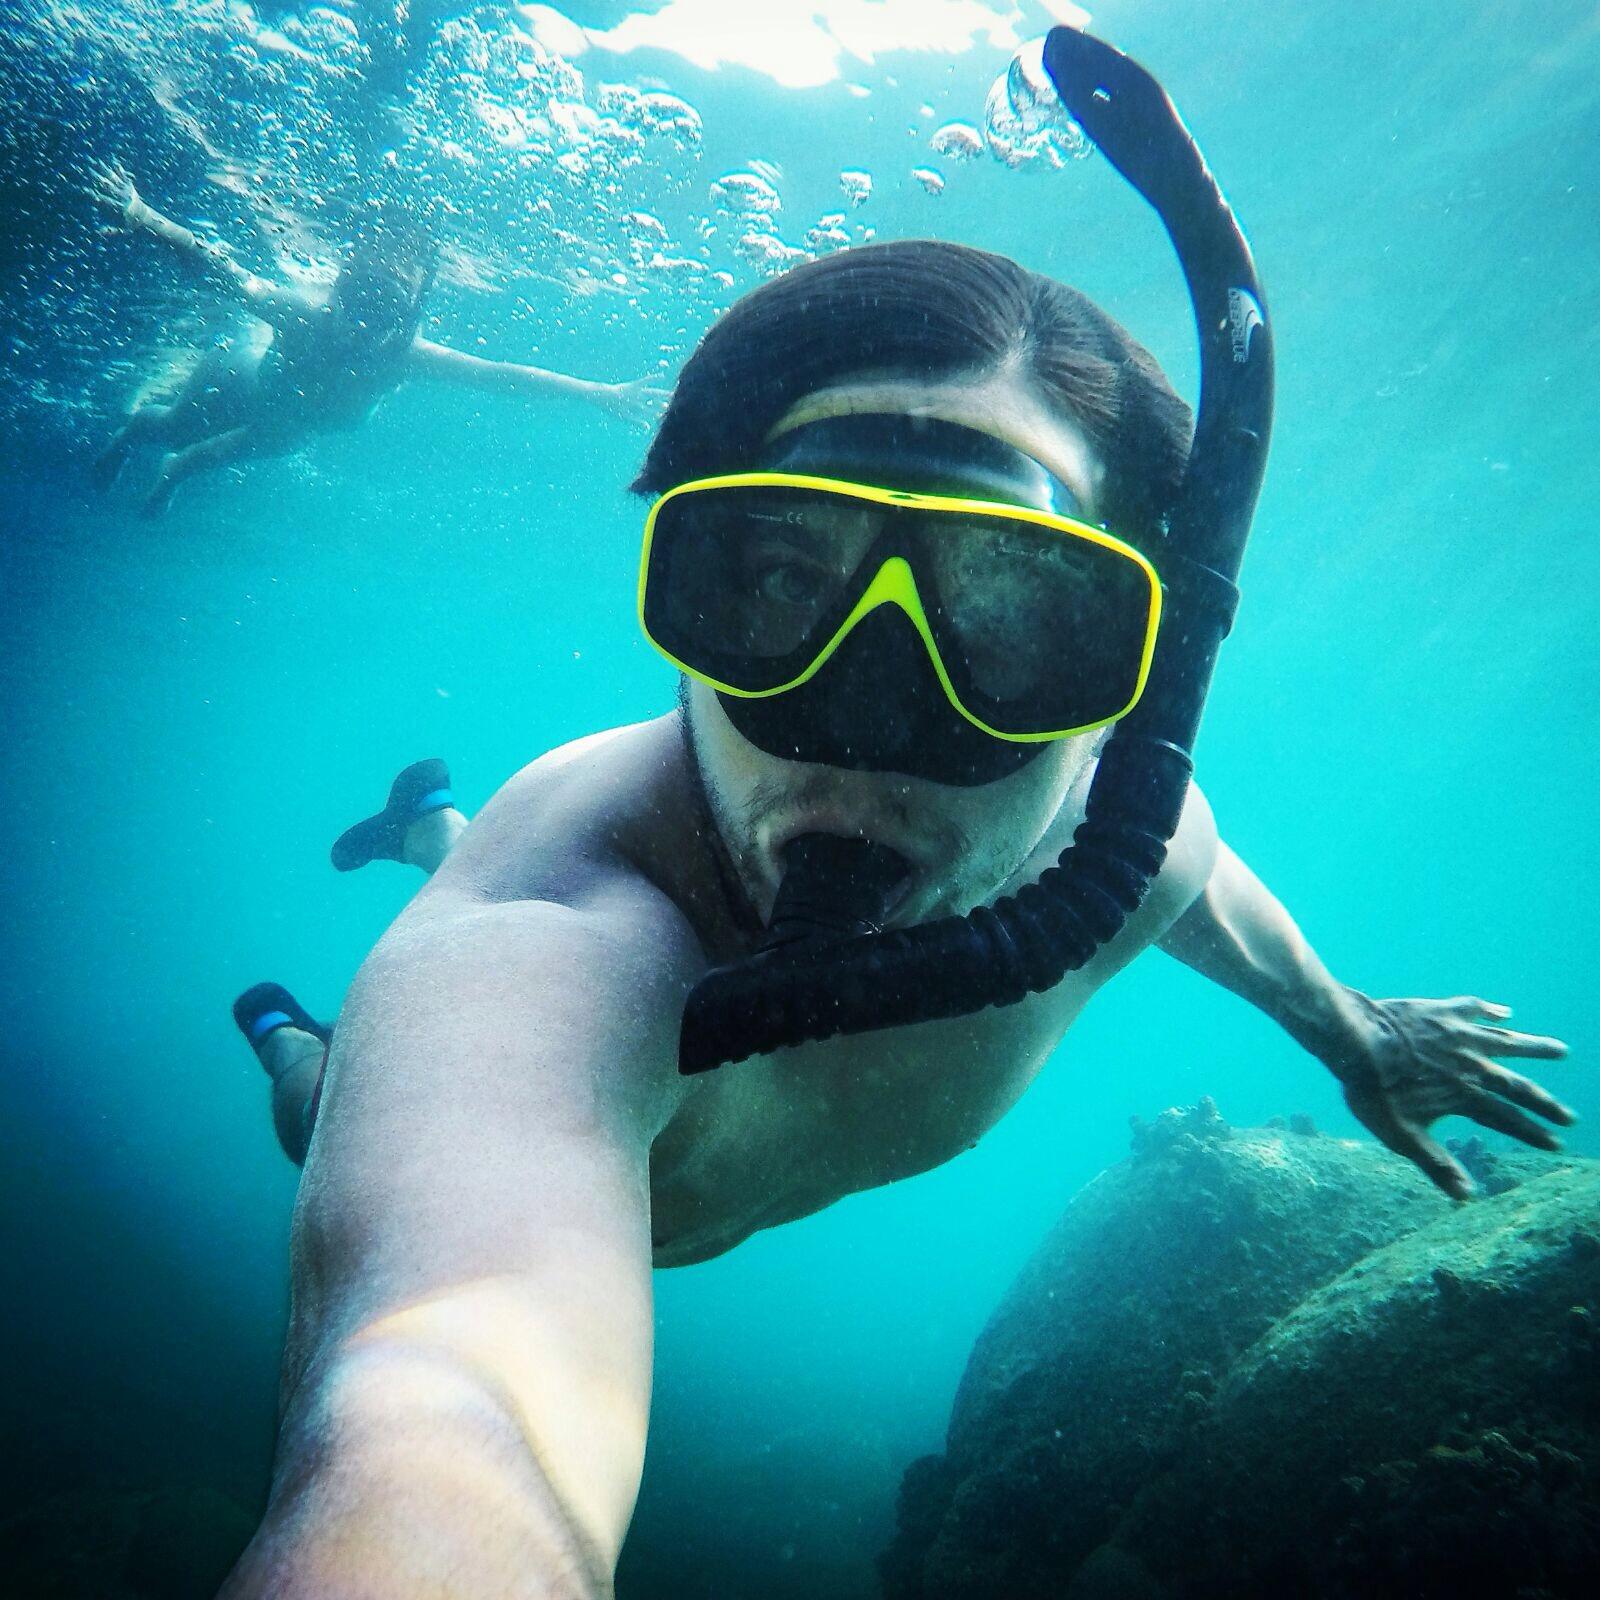 snorkeling-jeremy-kohtao